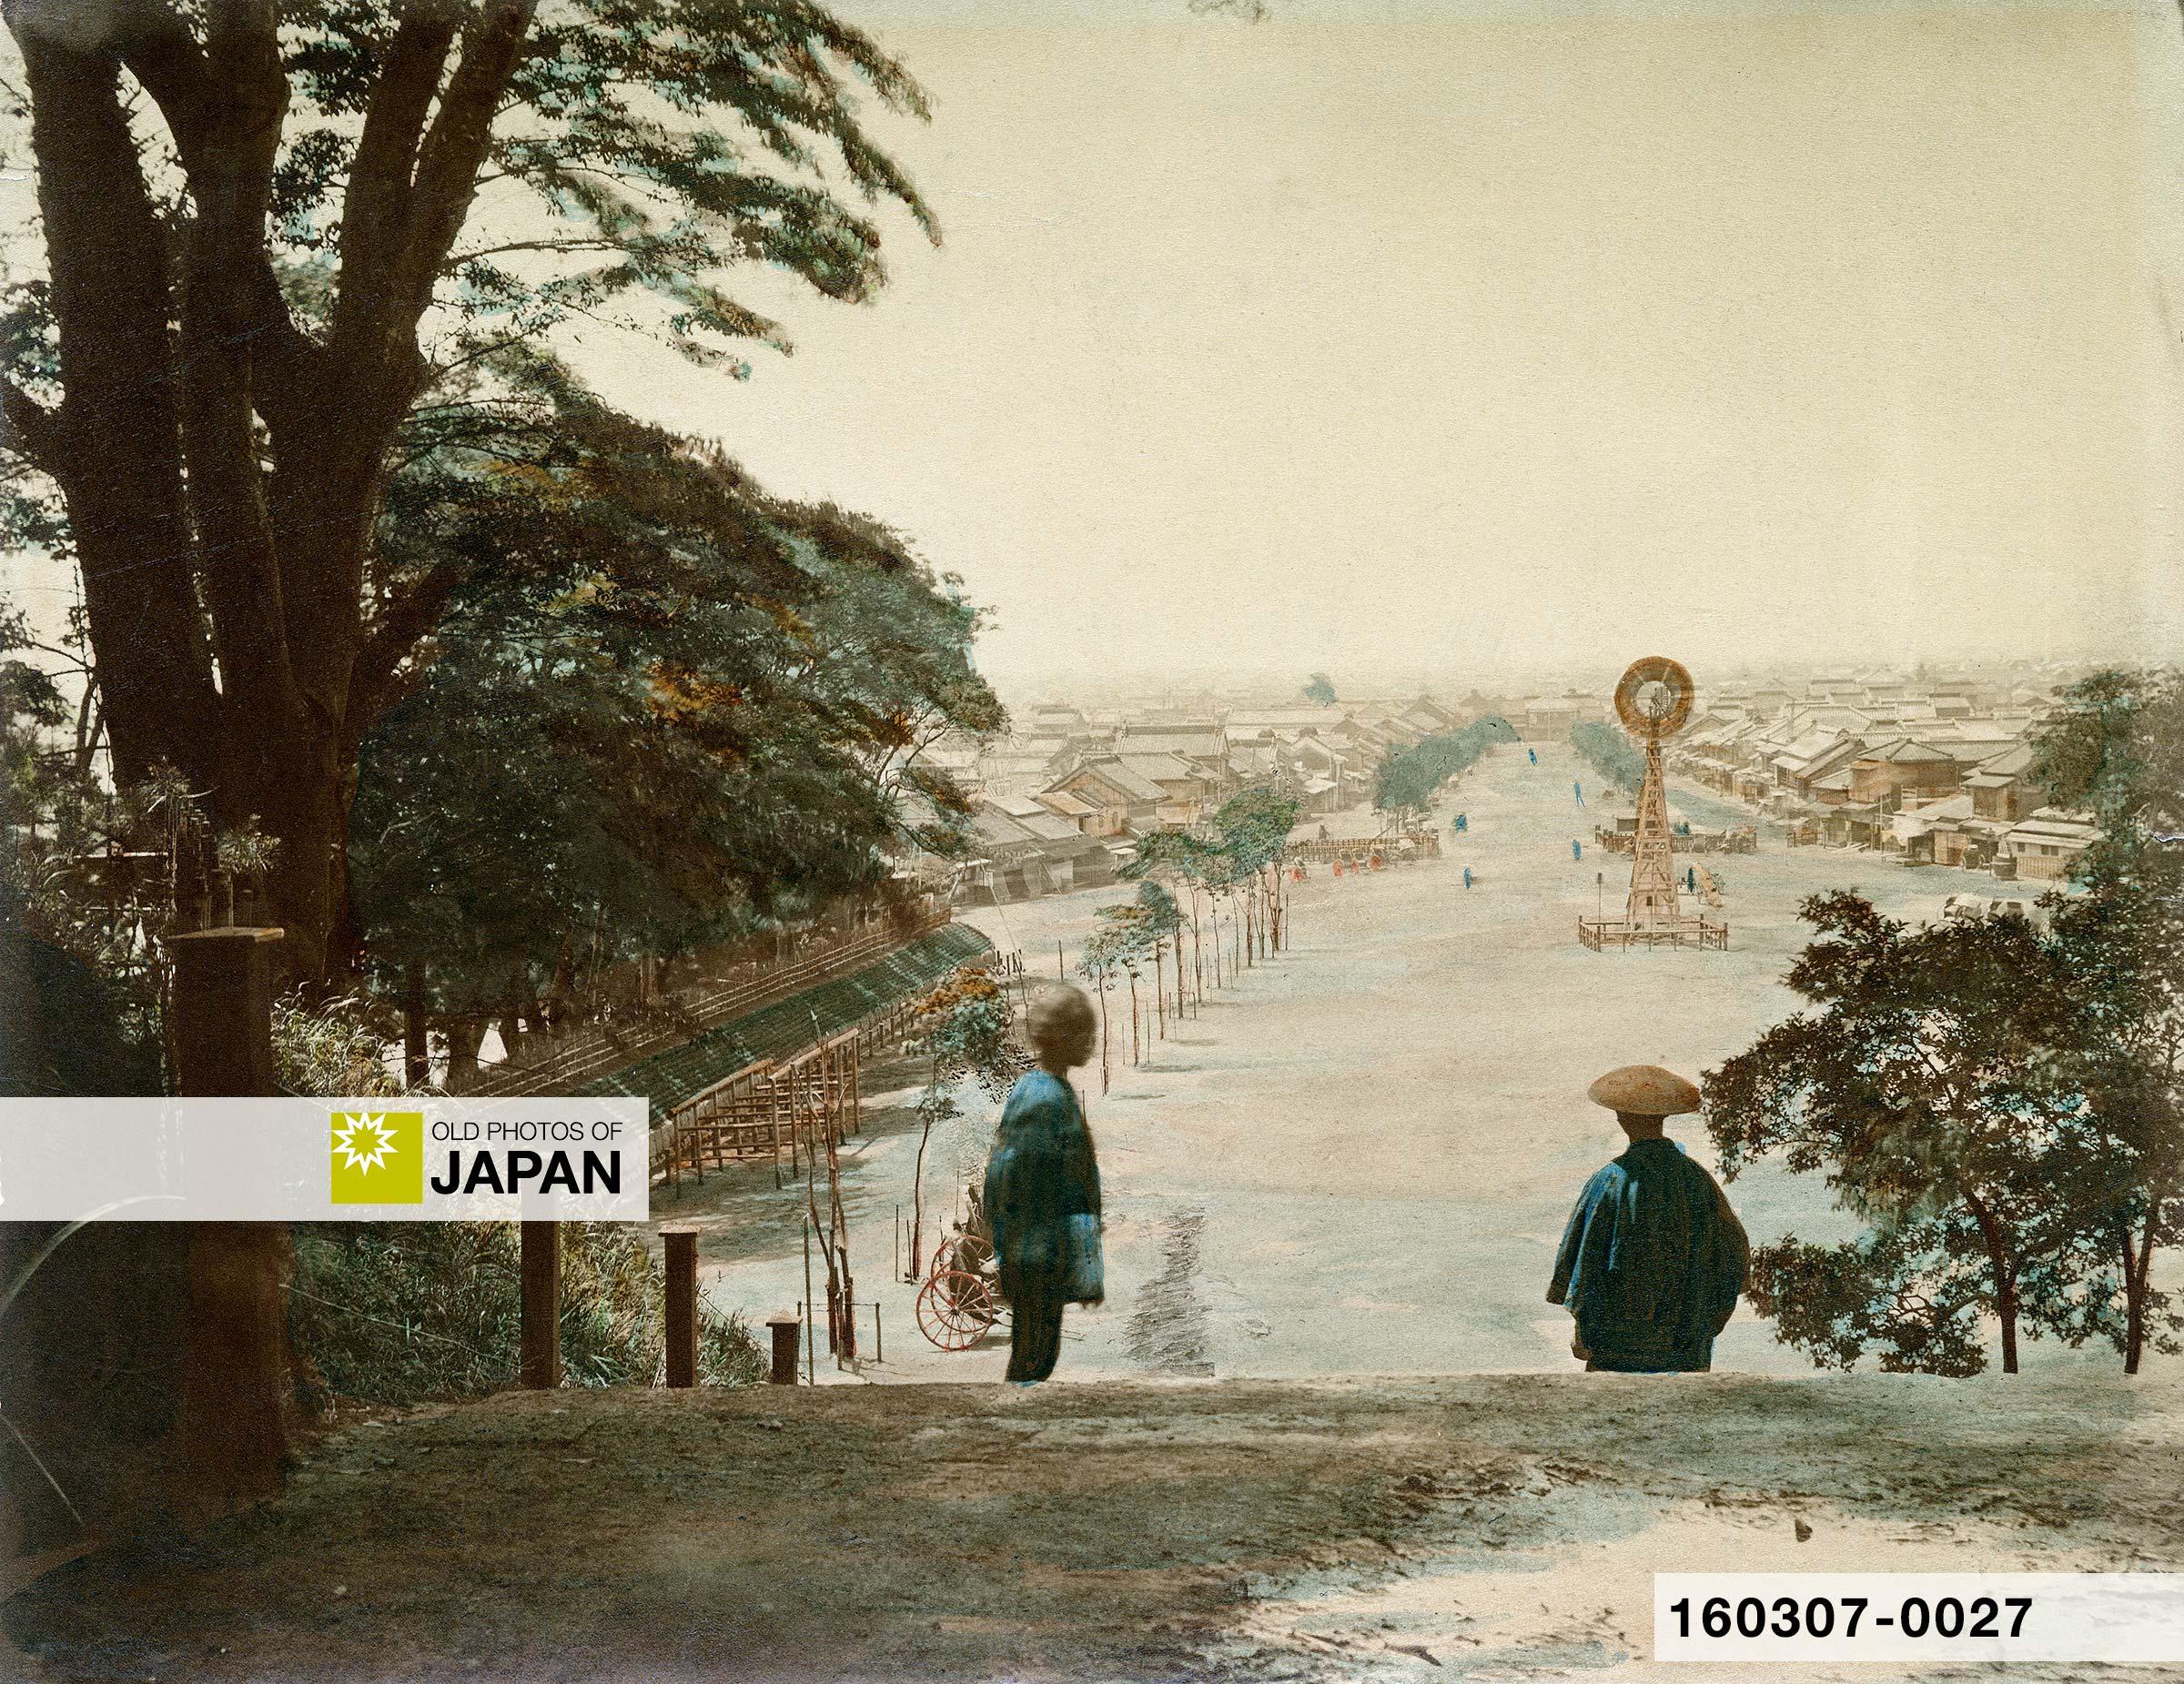 160307-0027 - Windmill at Ueno-Hirokoji, Tokyo